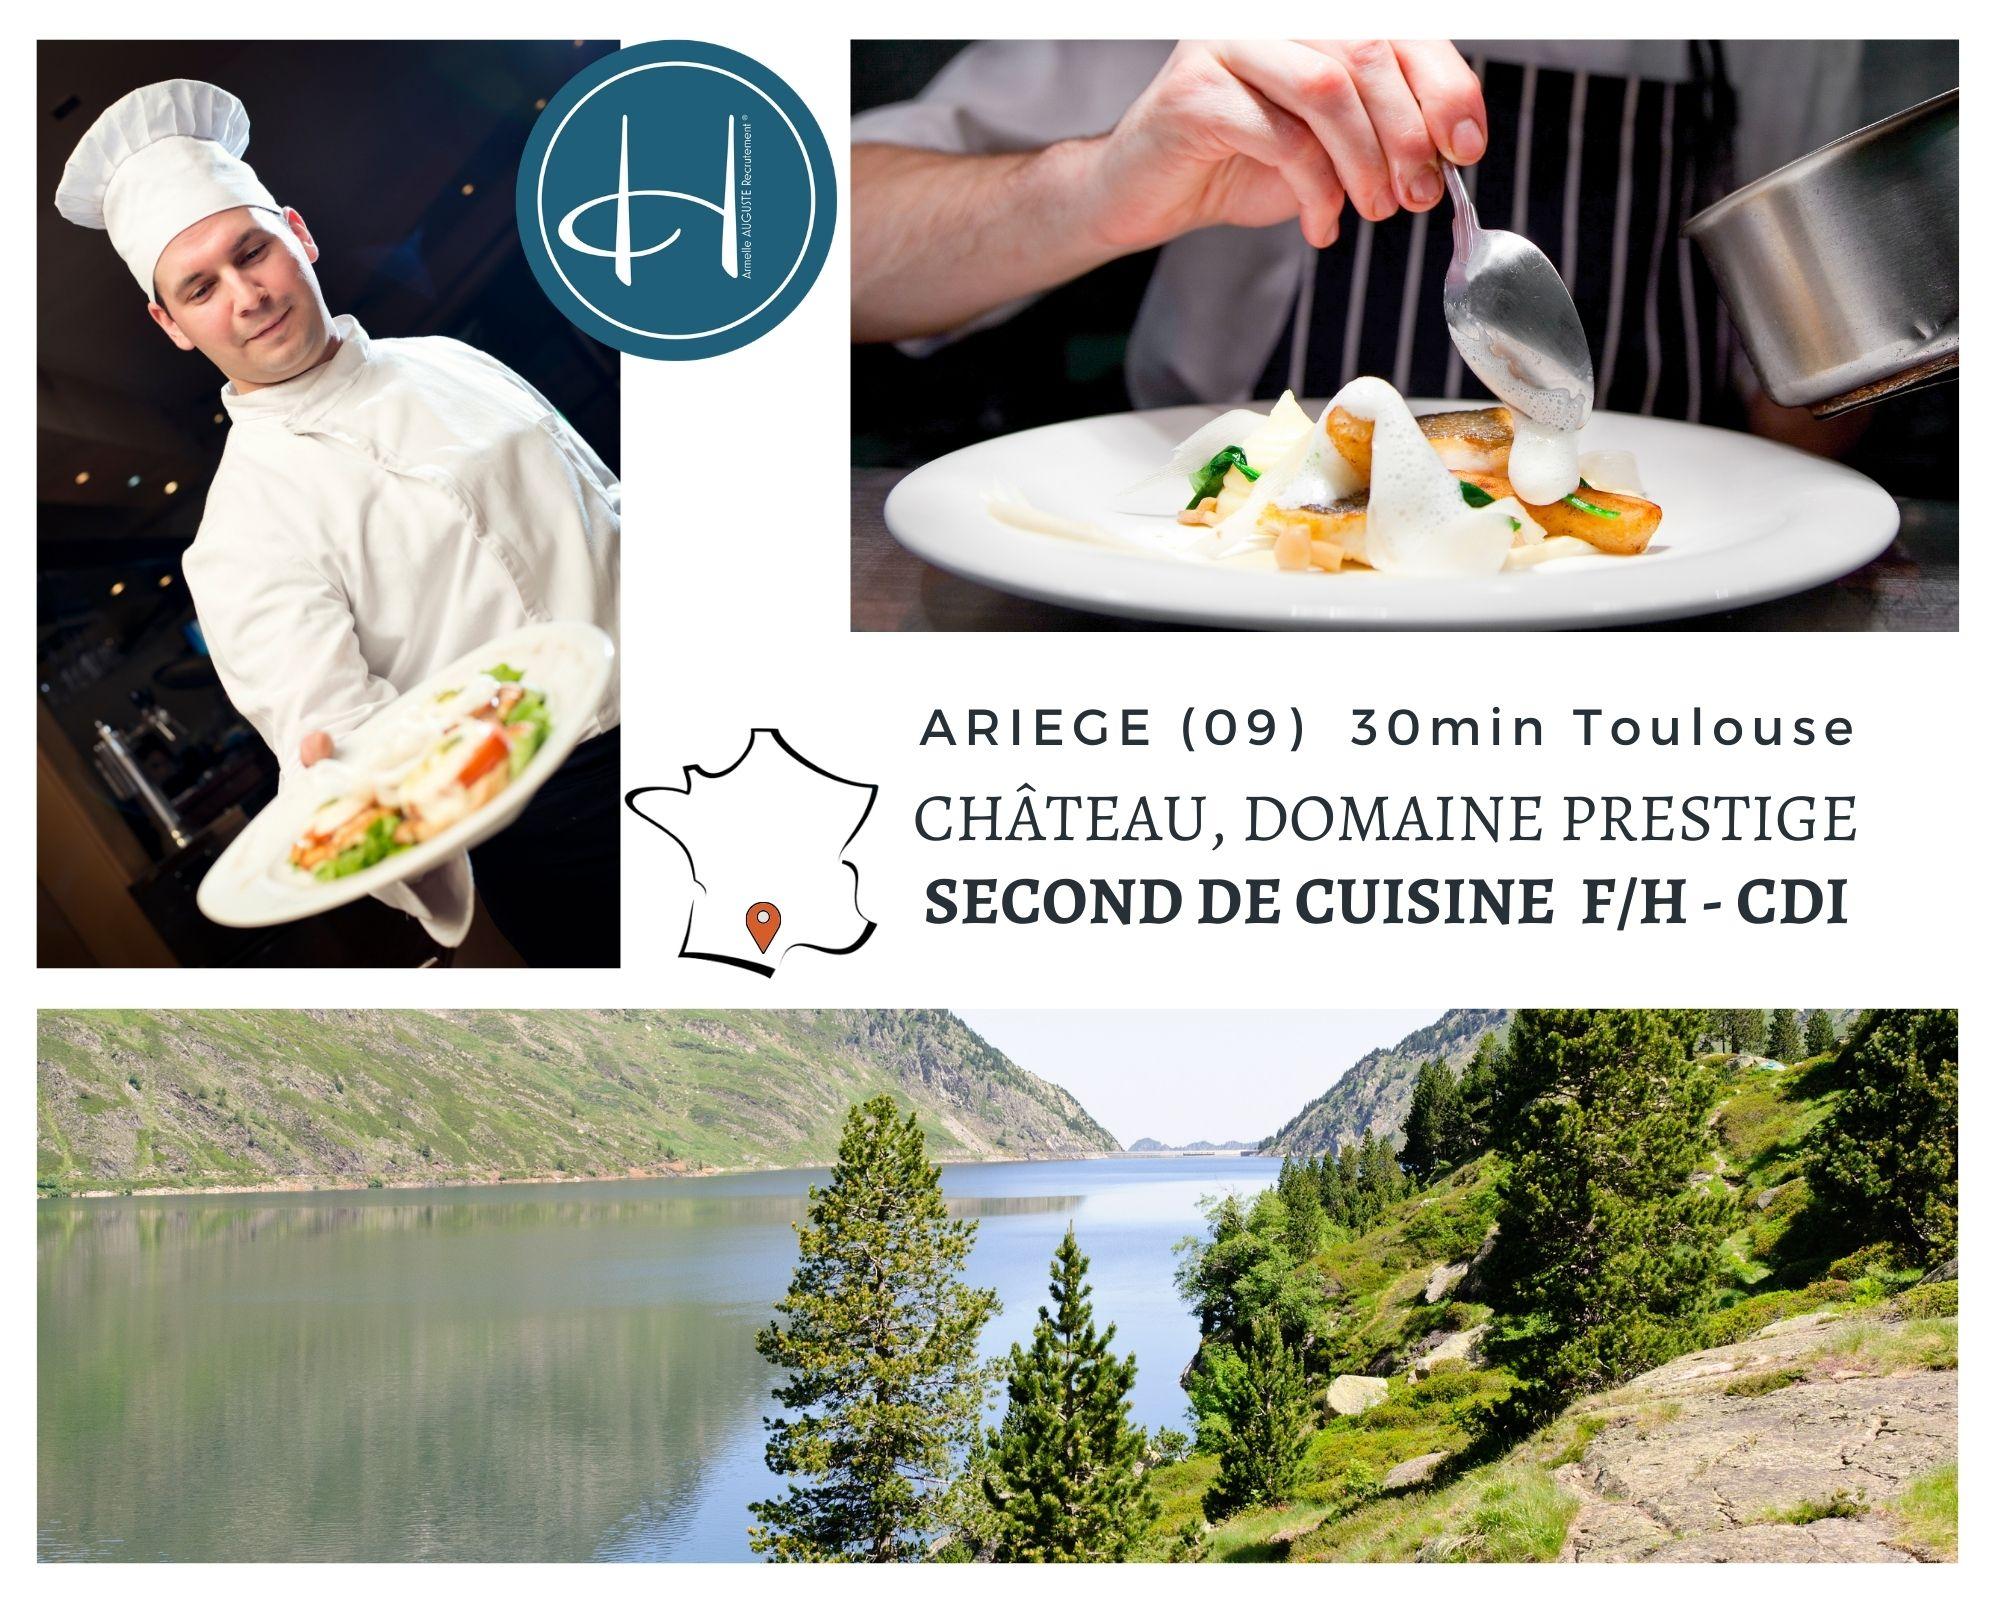 Recrutement: Second de cuisine F/H chez Armelle AUGUSTE Recrutement® à Foix